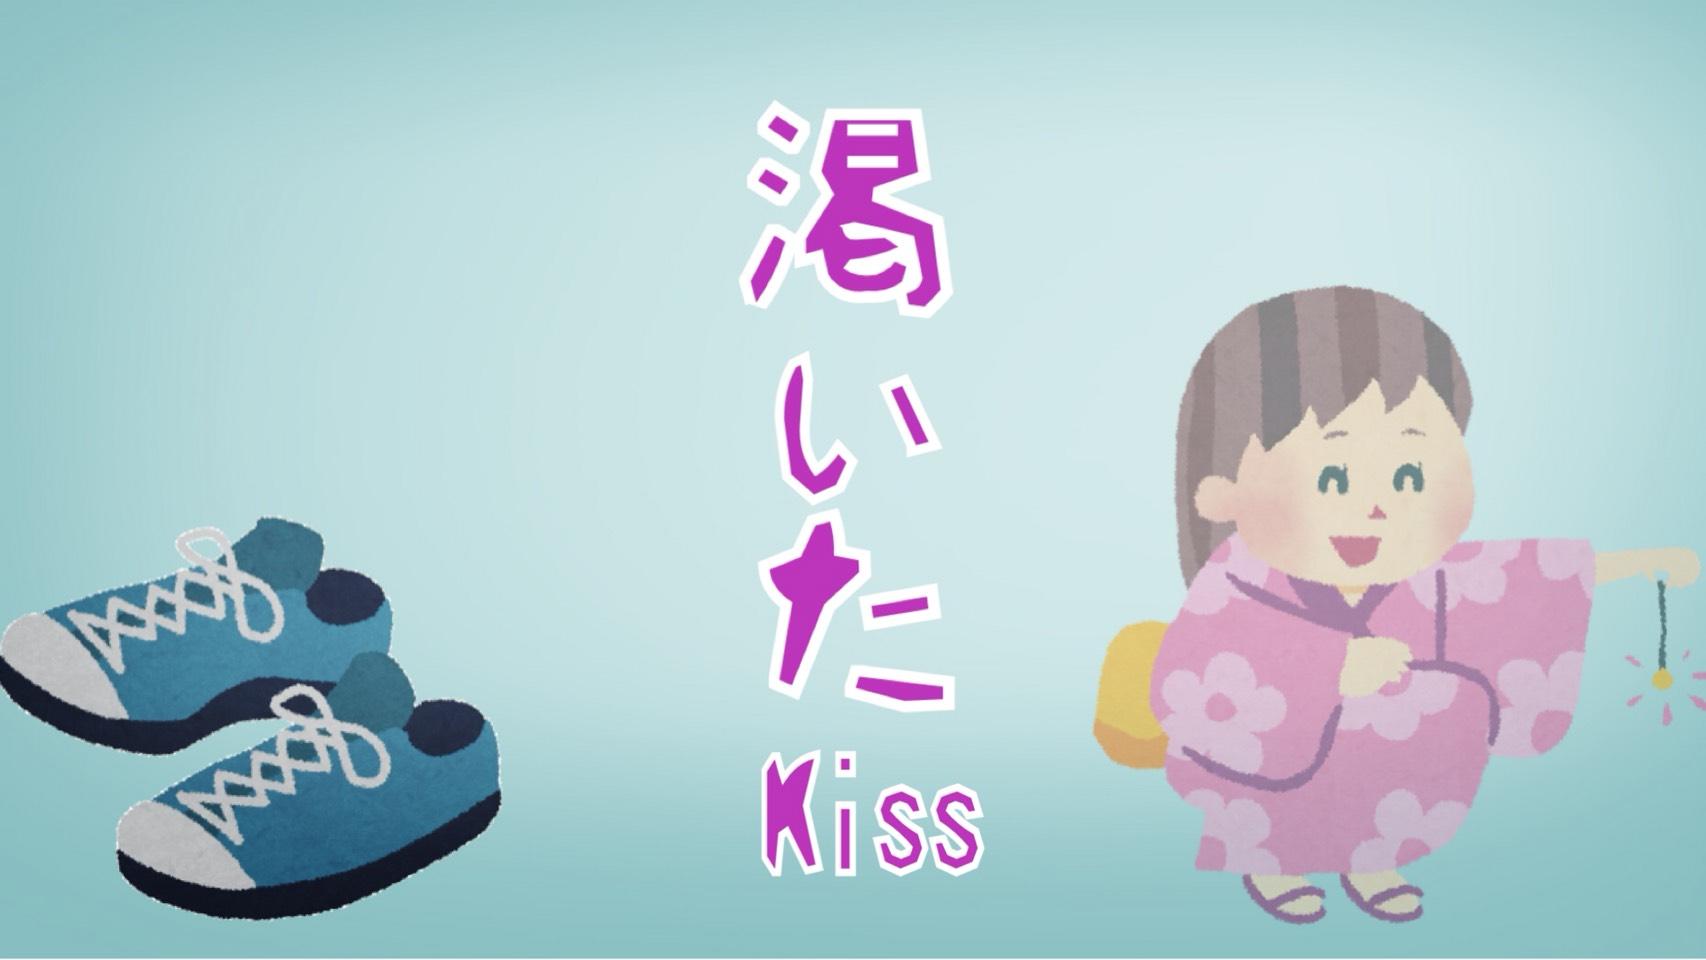 「渇いたkiss」のイメージ